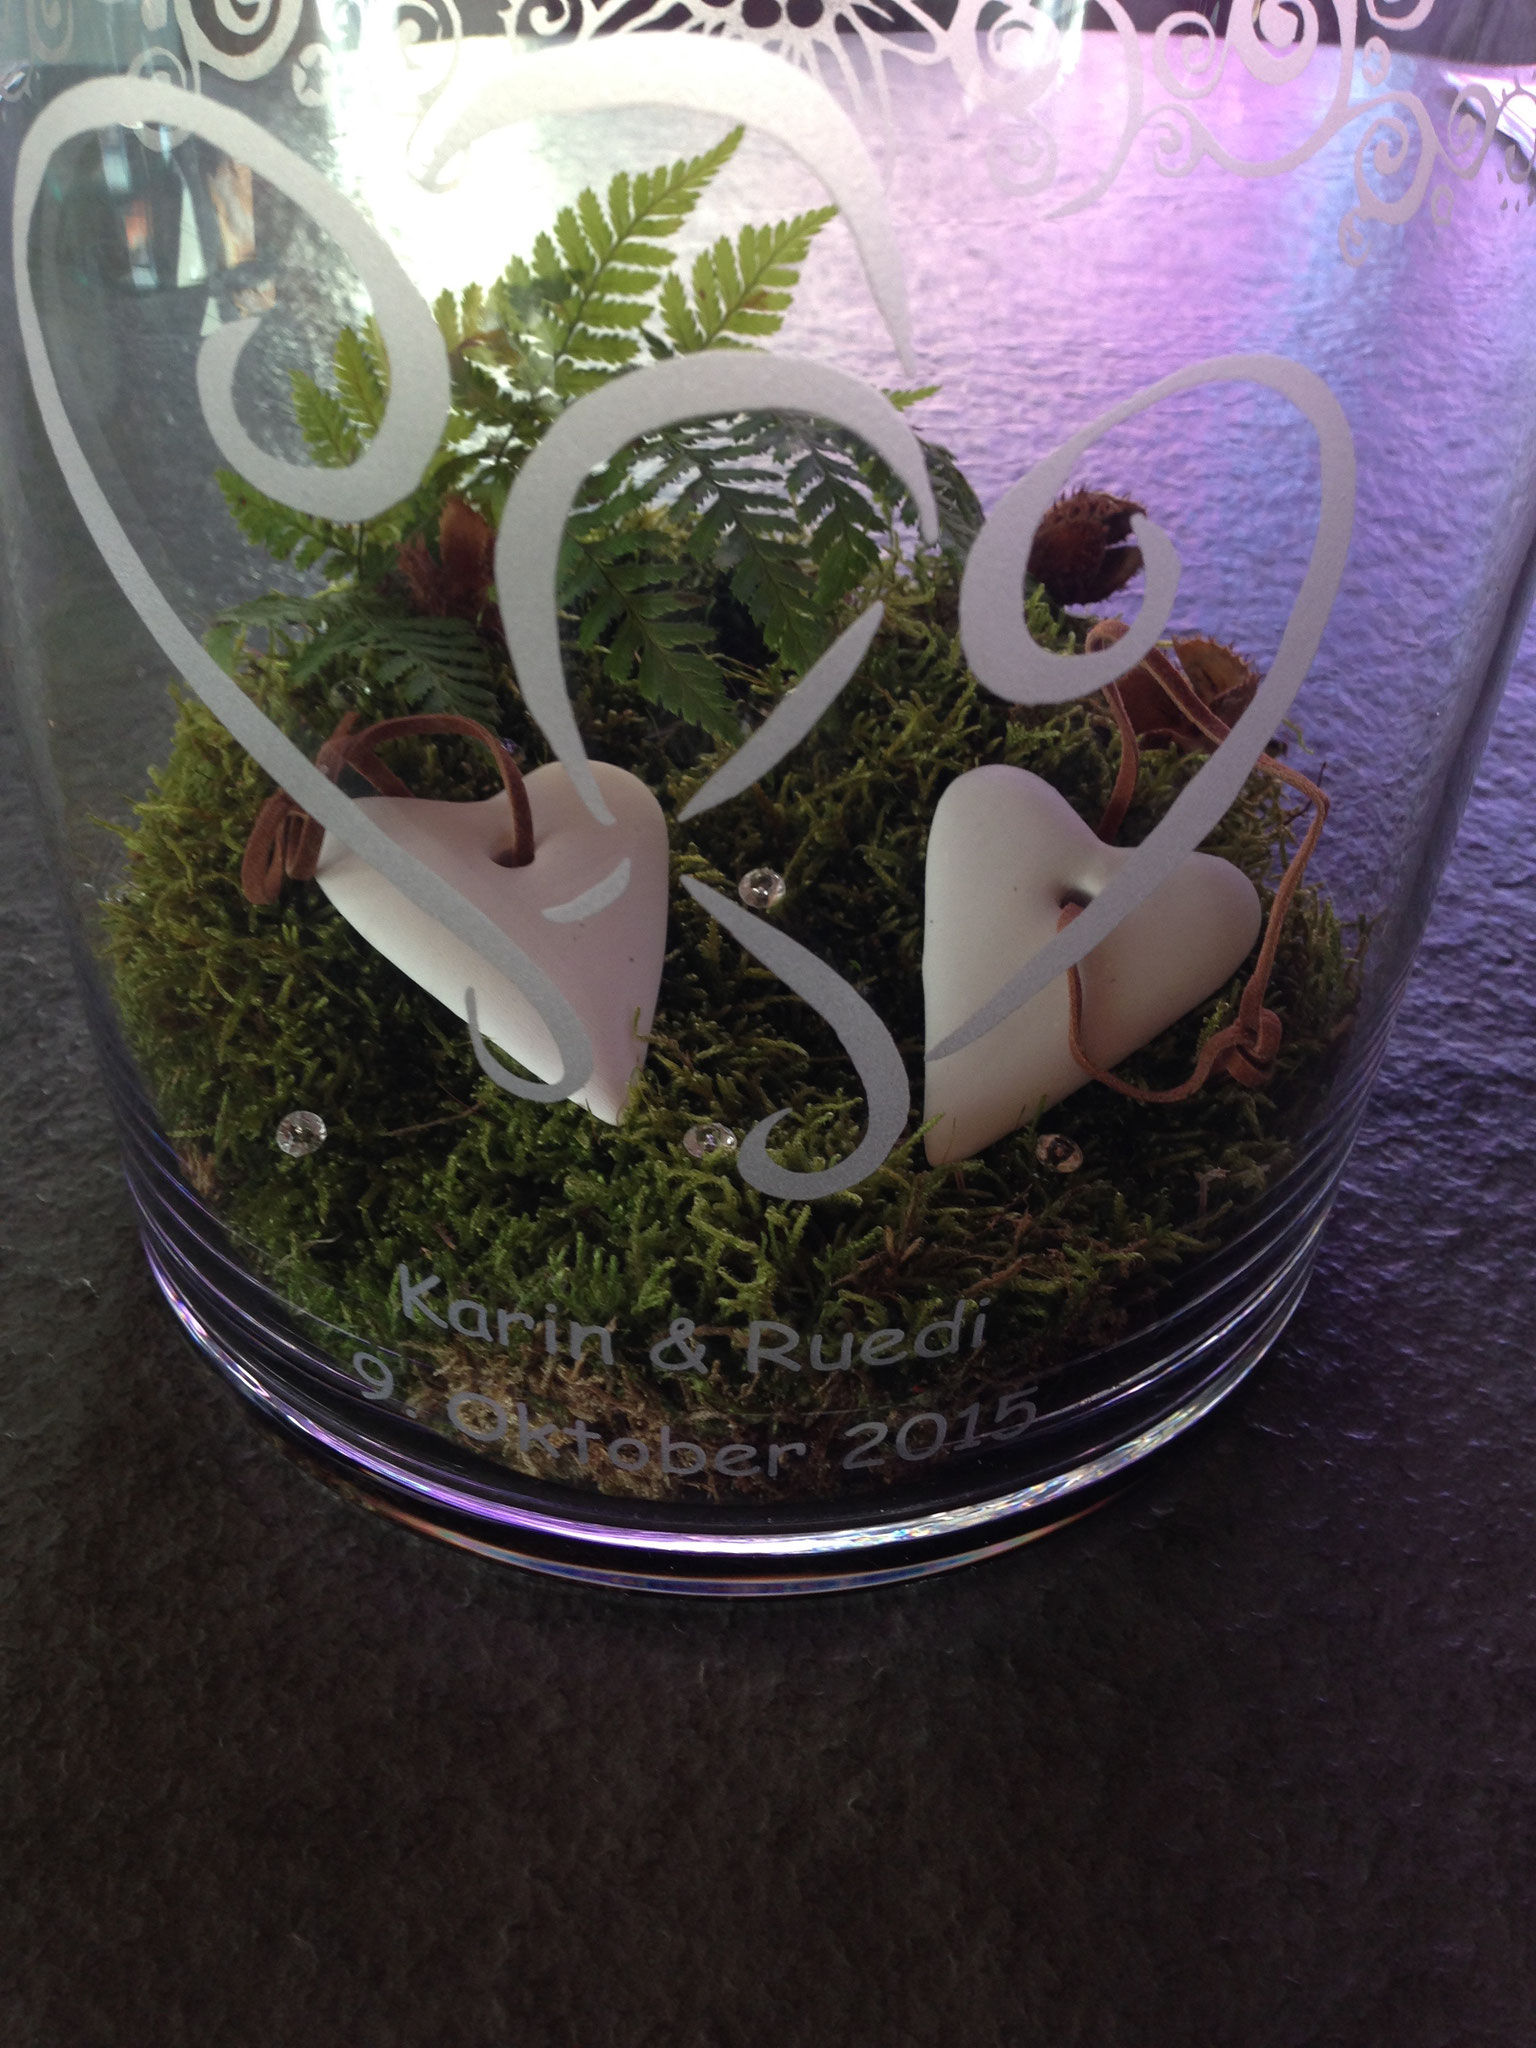 Glas Sandgestrahlt Hochzeitsgeschenk